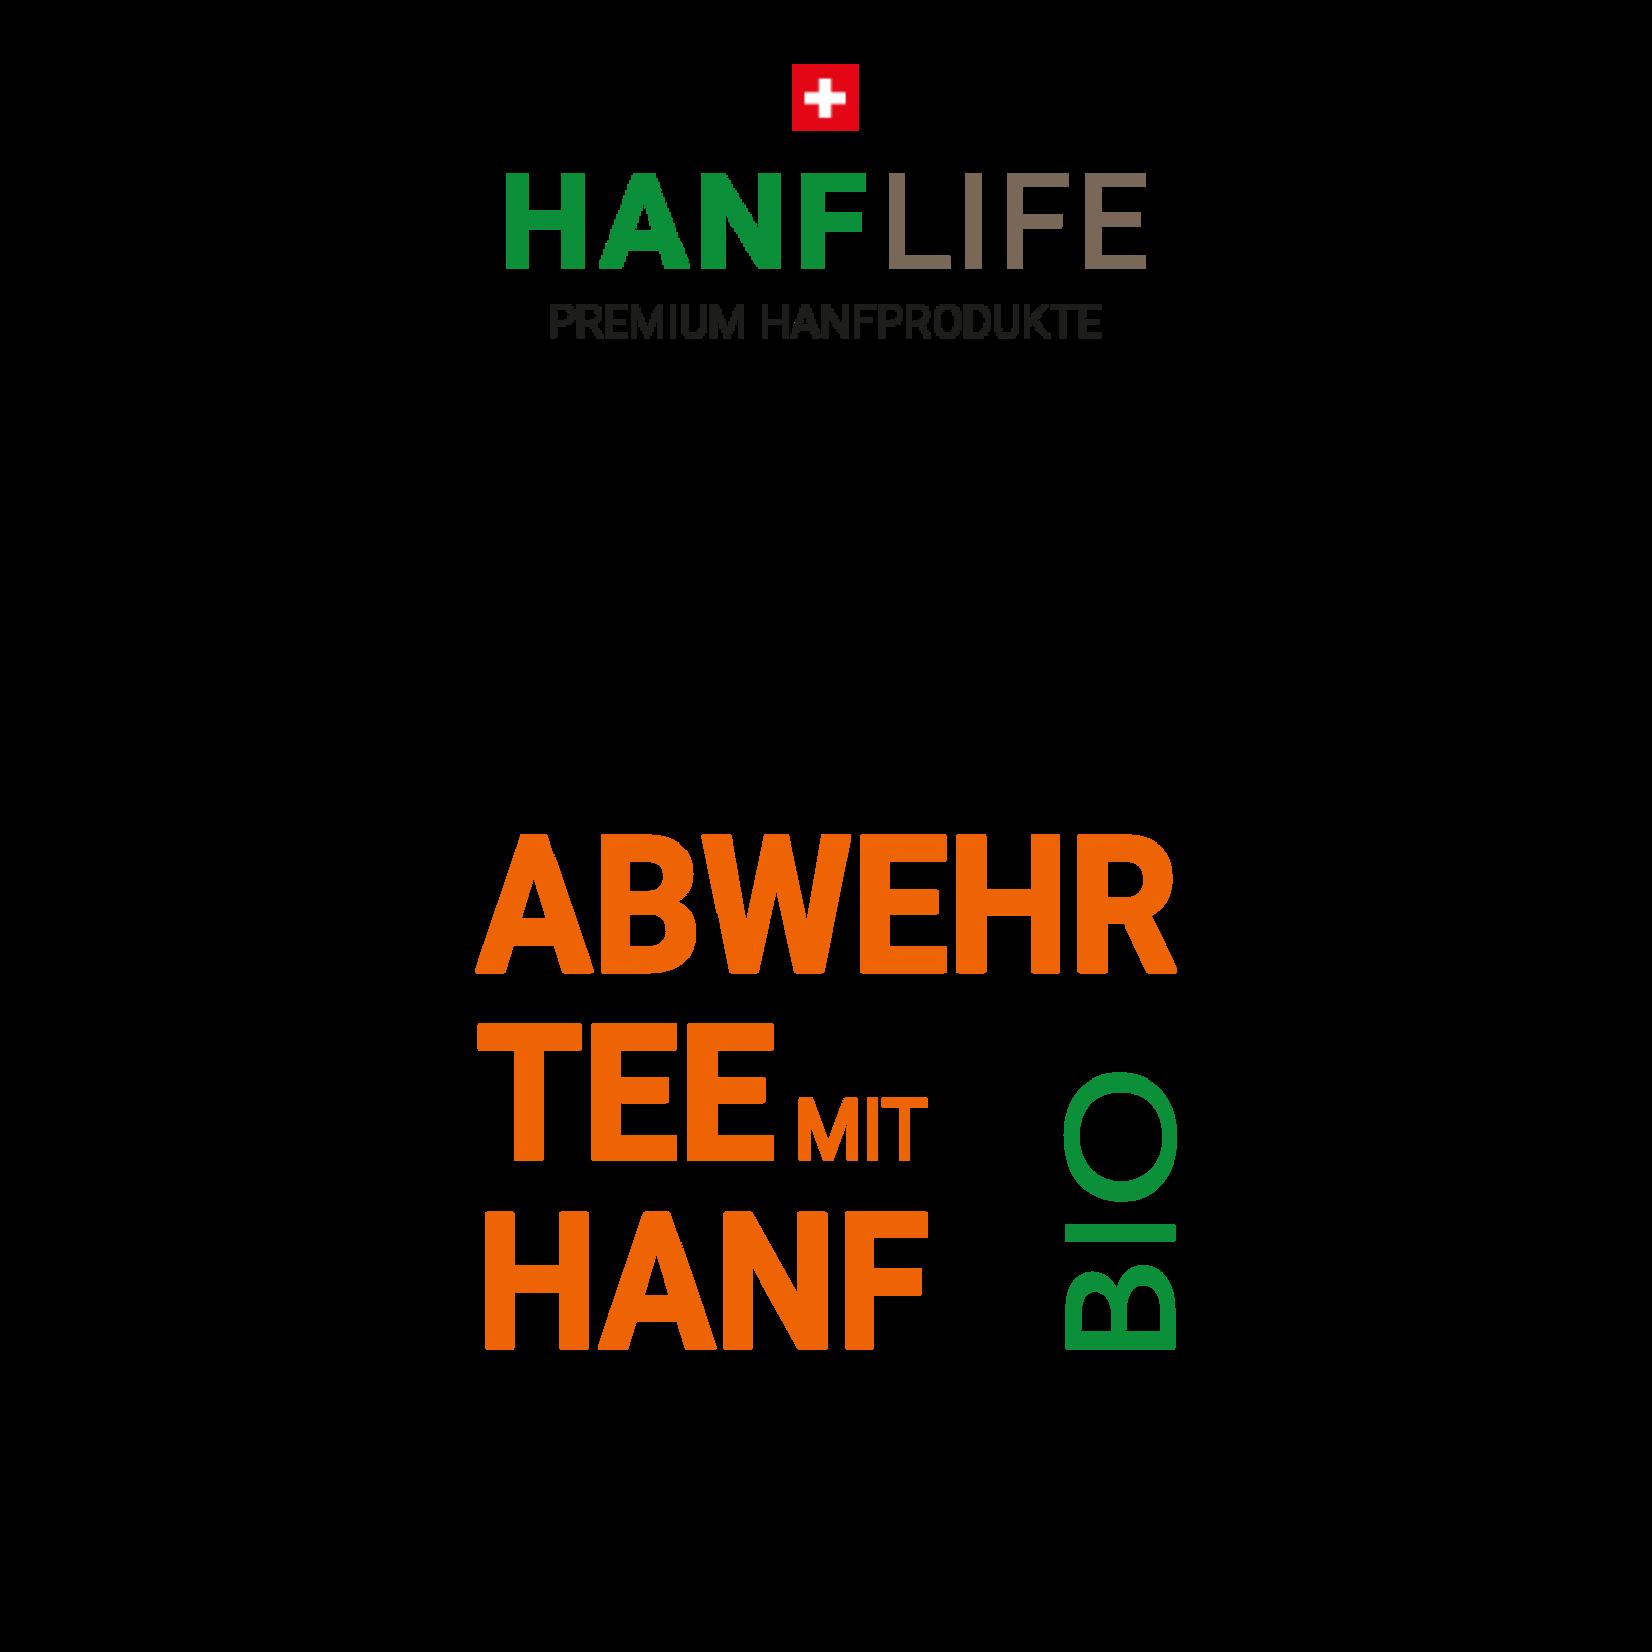 hanflife Abwehr Tee mit Hanf BIO